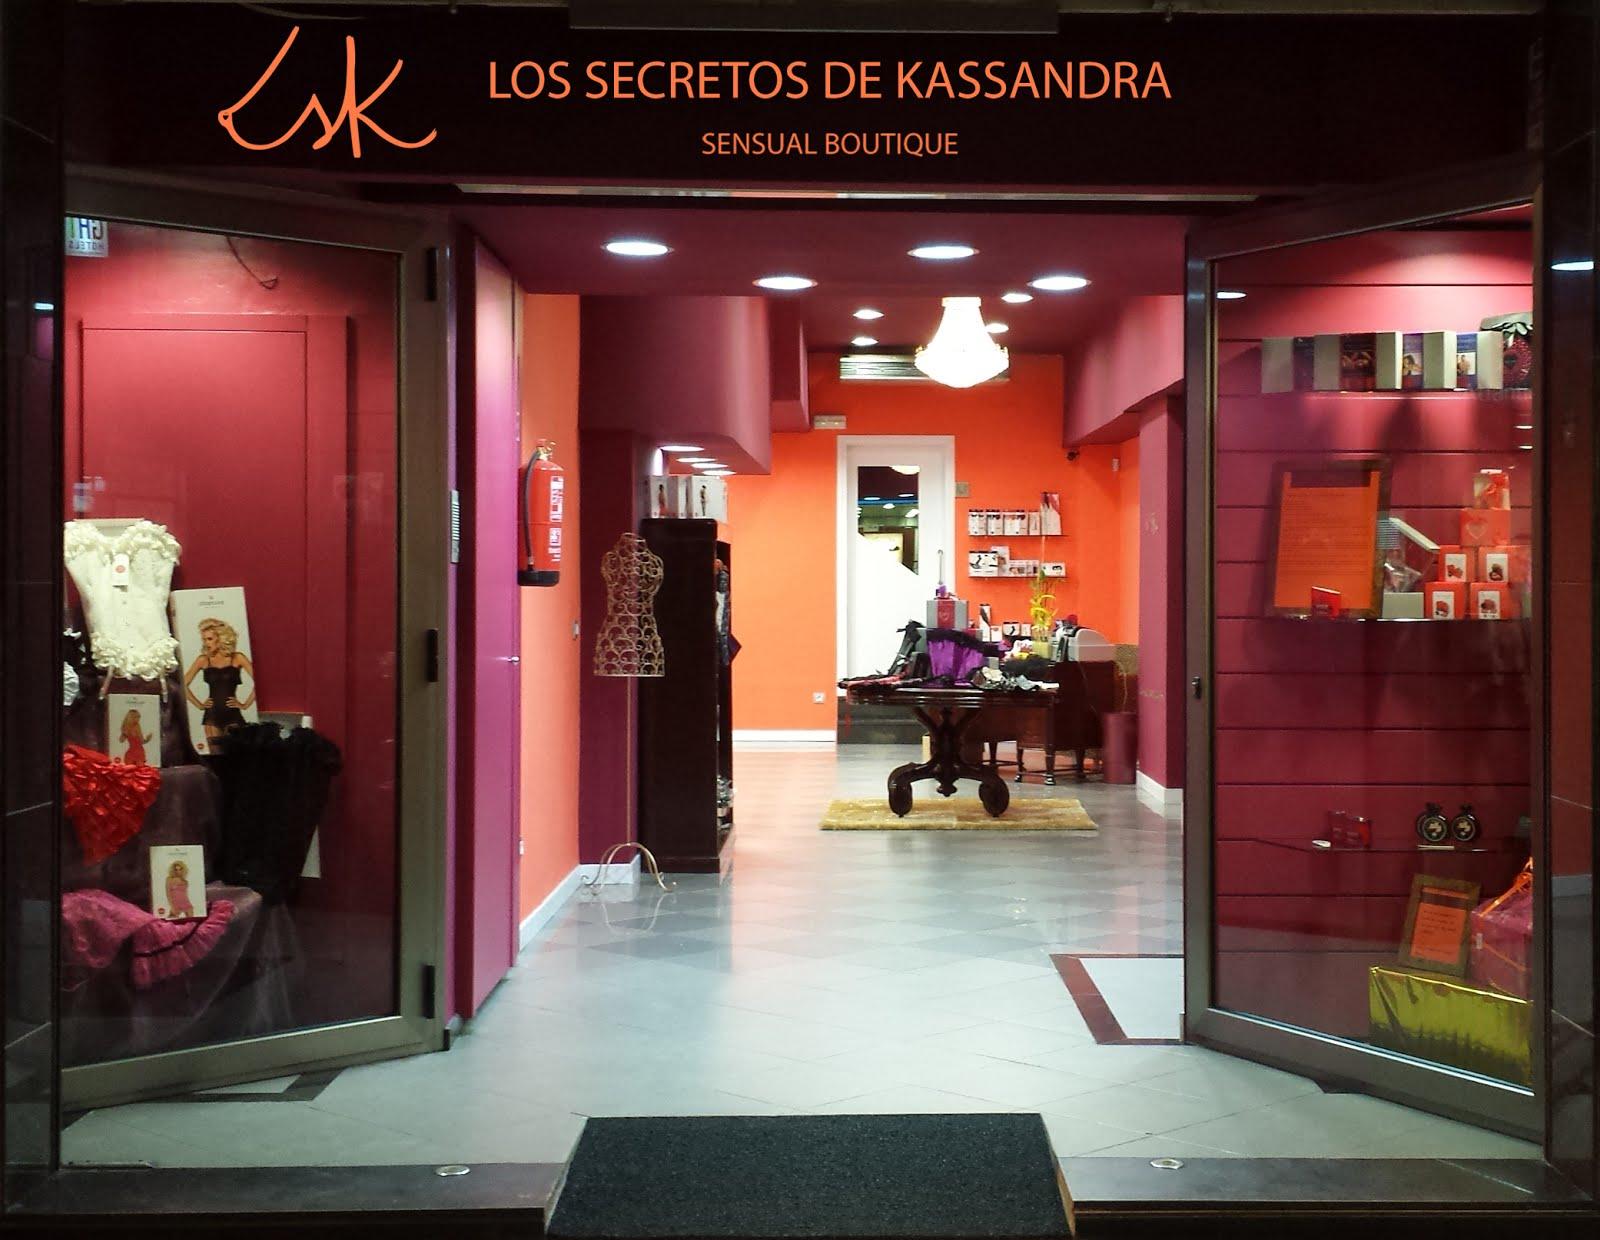 LOS SECRETOS DE KASSANDRA Sensual Boutique